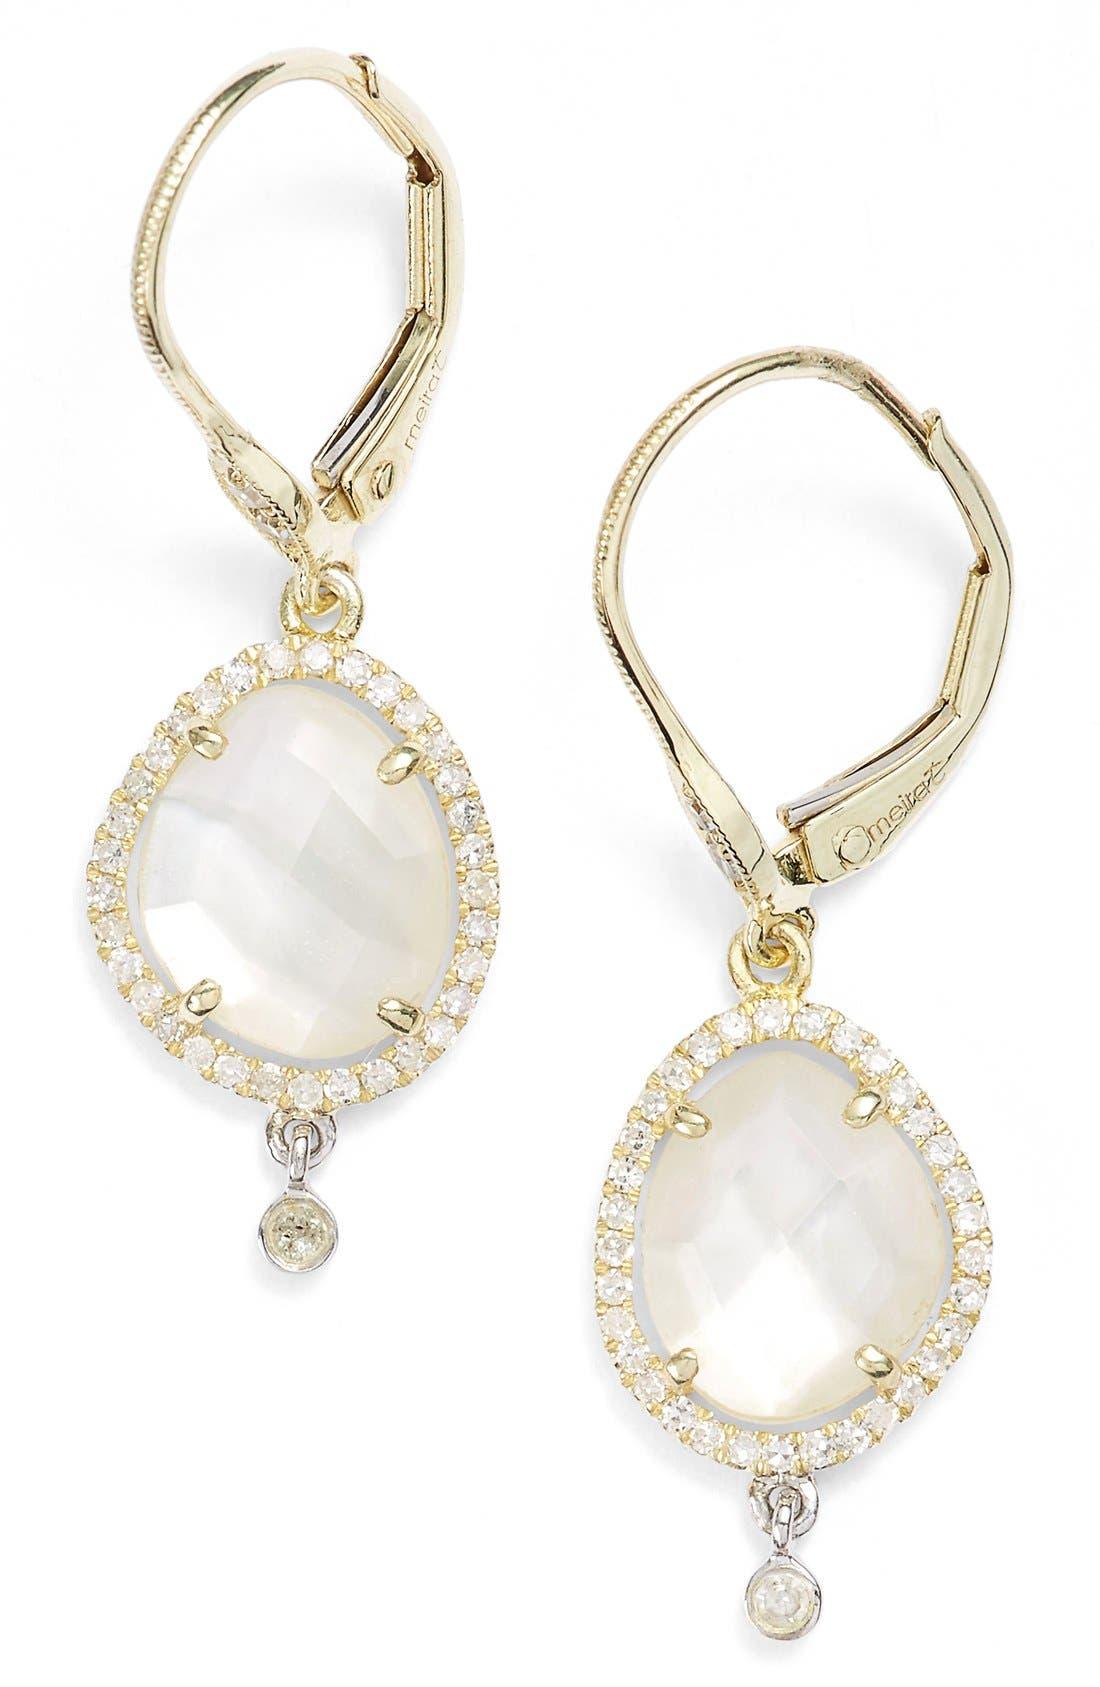 Diamond & Semiprecious Stone Drop Earrings,                             Main thumbnail 2, color,